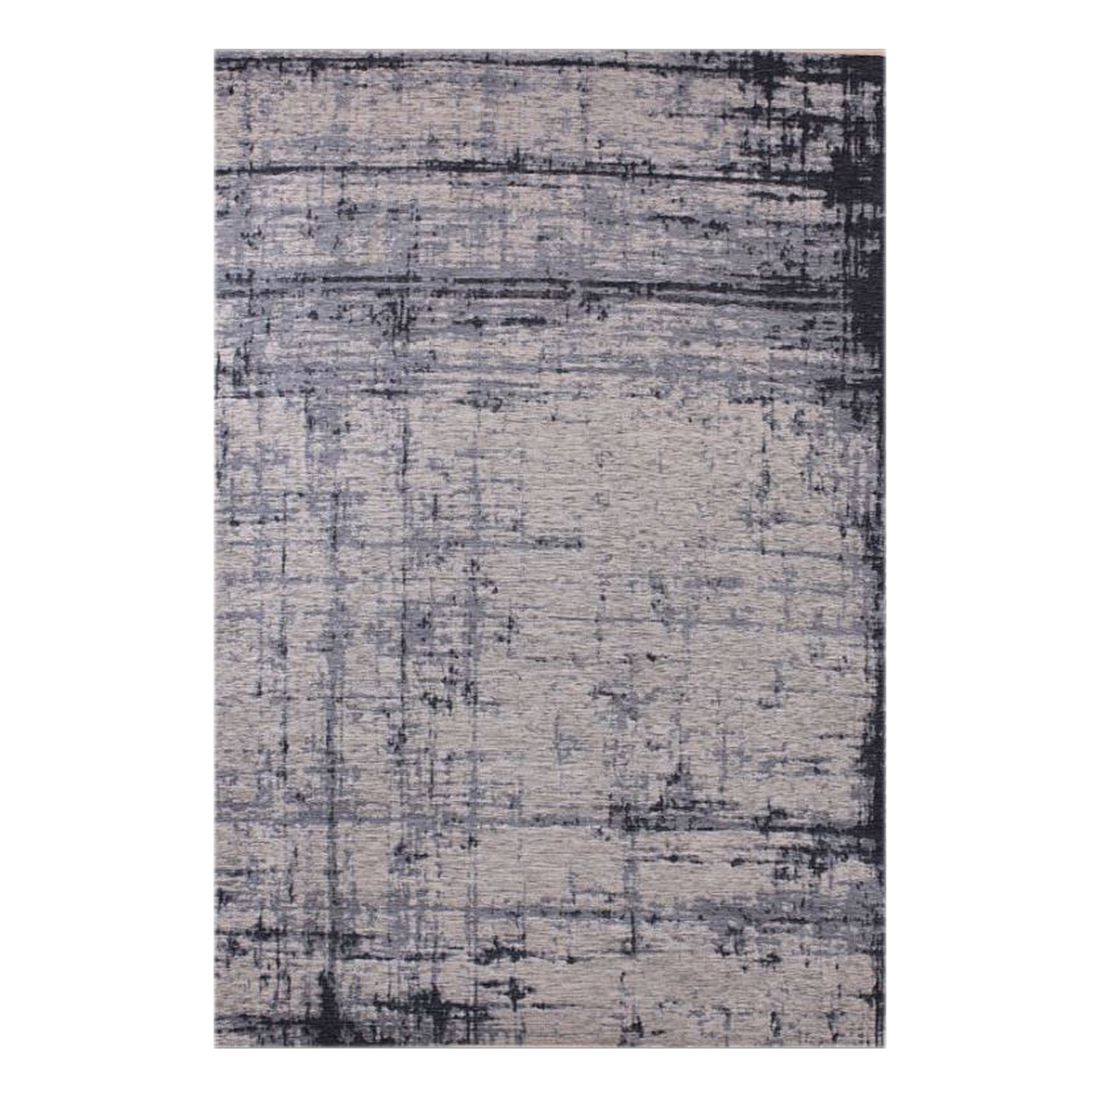 Teppich Retro Lounge IV – 170 x 230 cm, Schöngeist & Petersen online kaufen